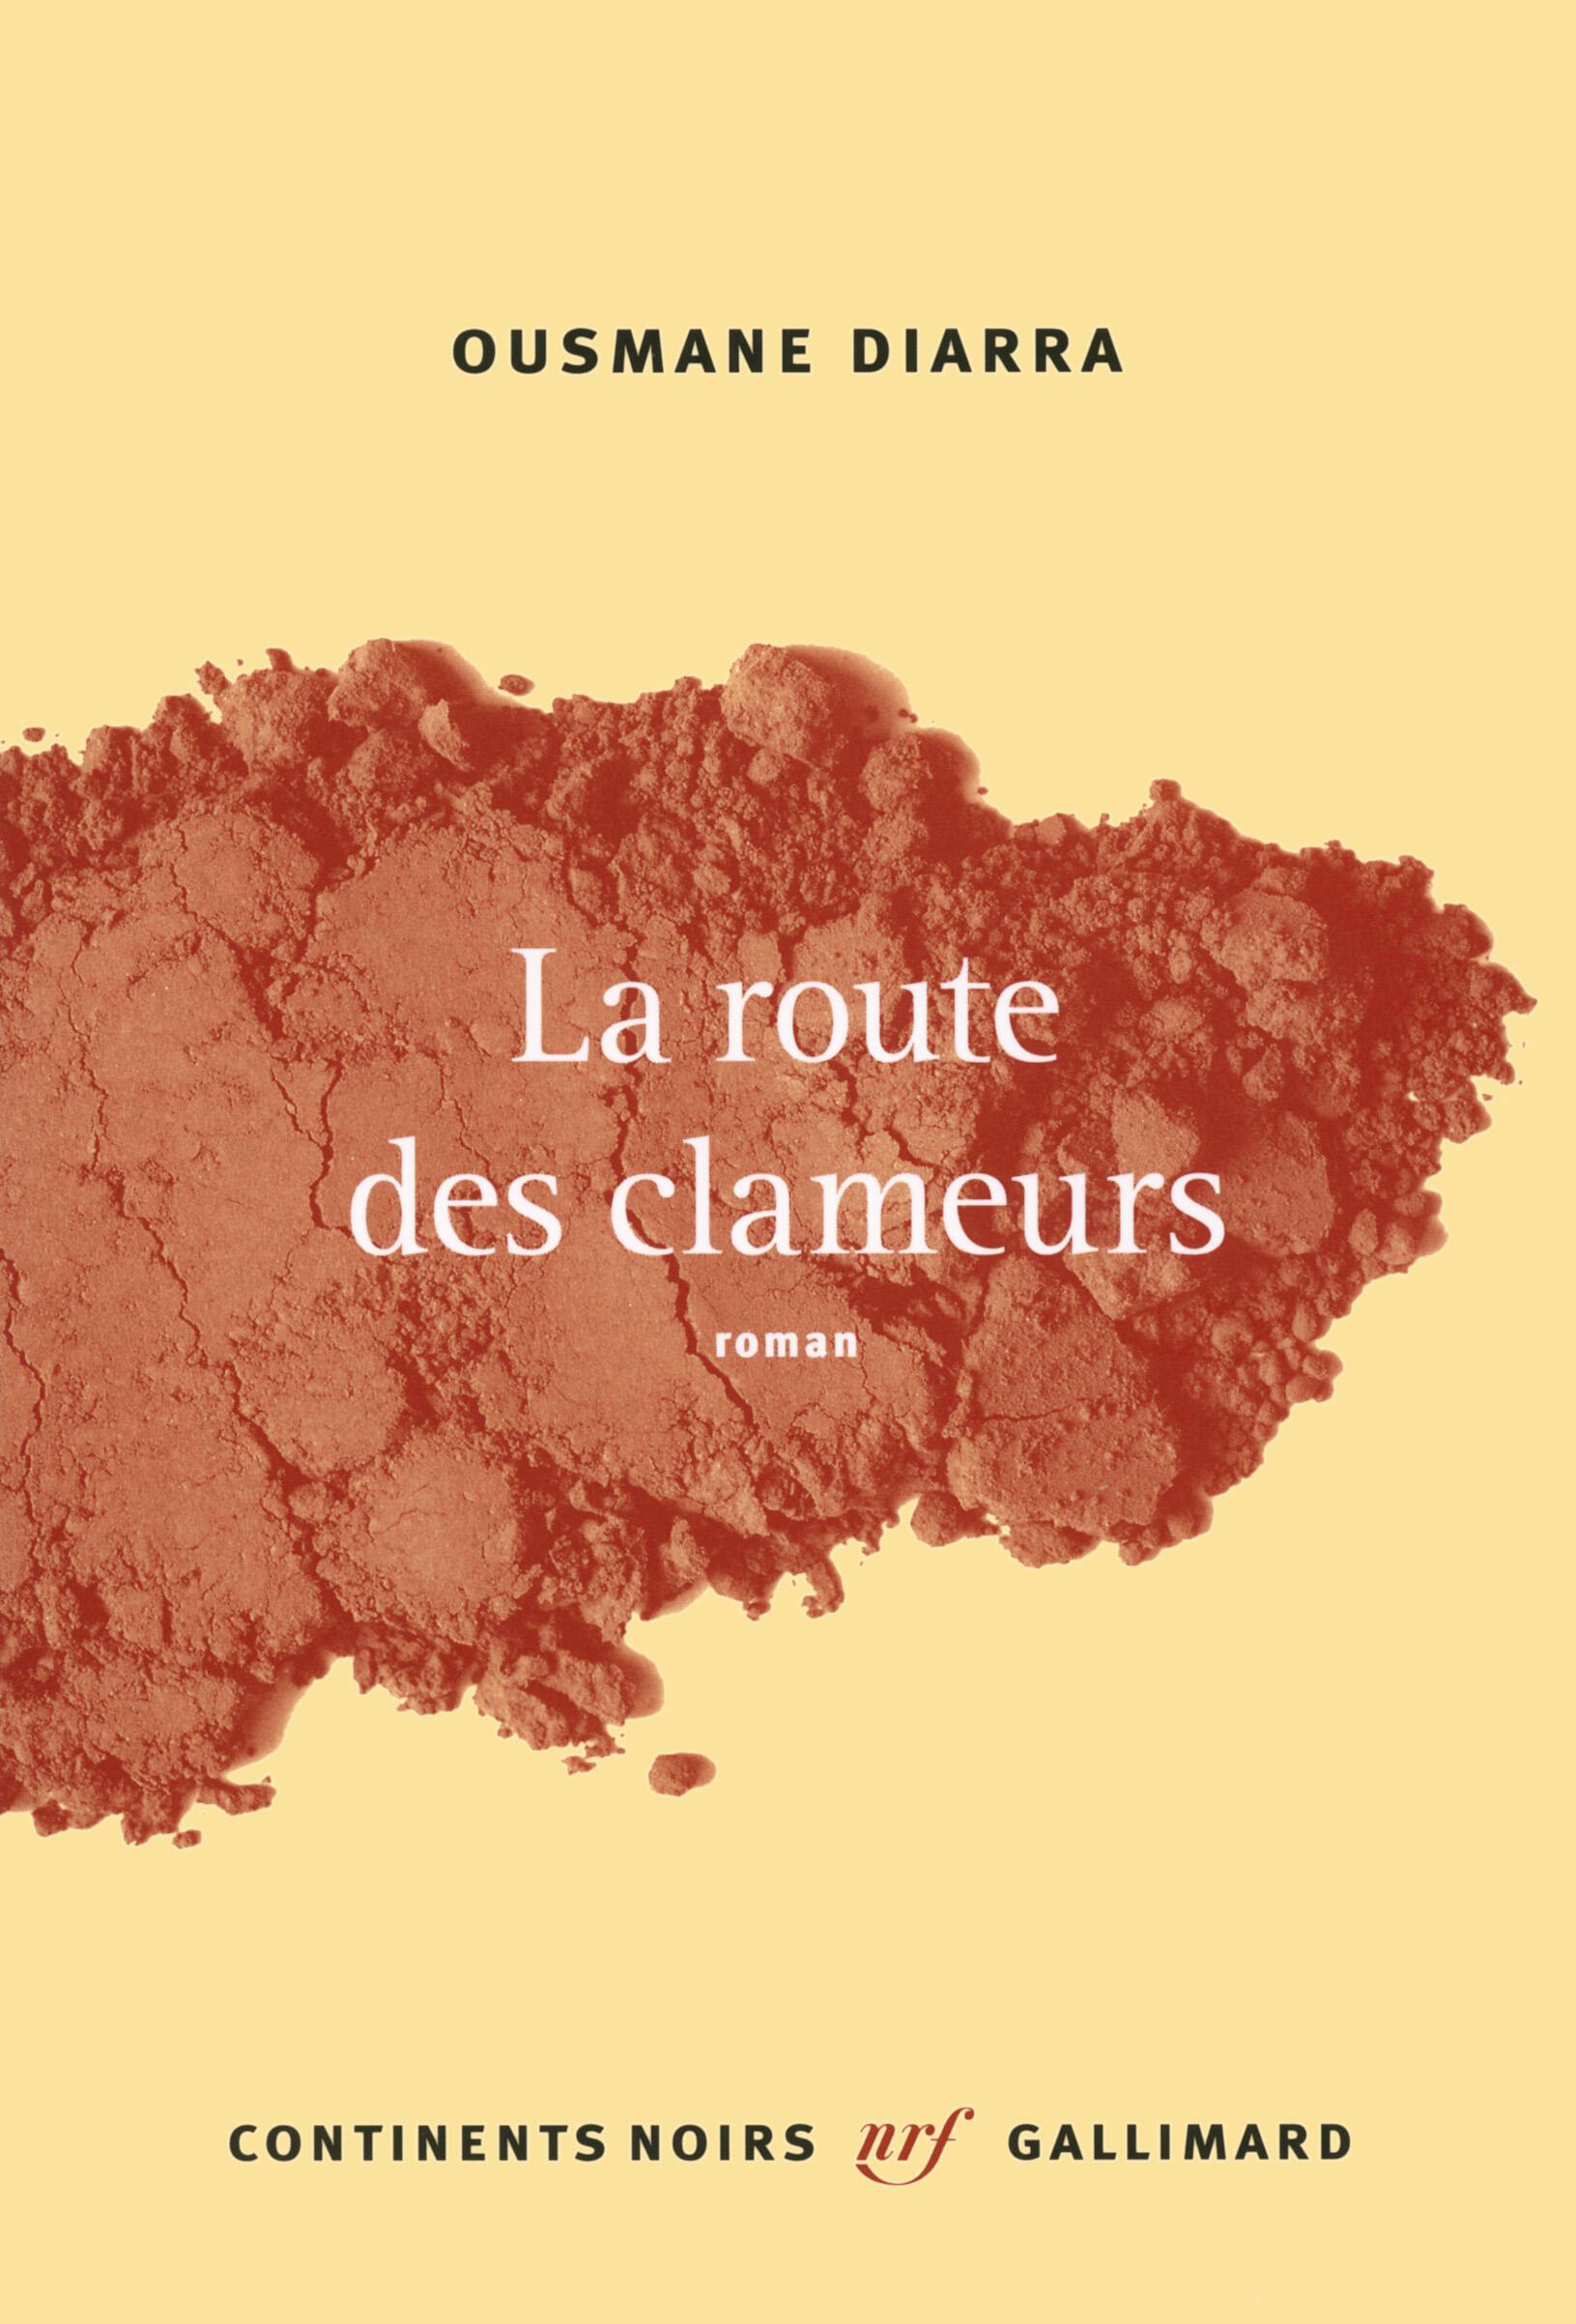 Détail de la couverture du livre d'Ousmane Diarra : « La route des clameurs », publié dans la Collection Continents Noirs, Gallimard, 2014.